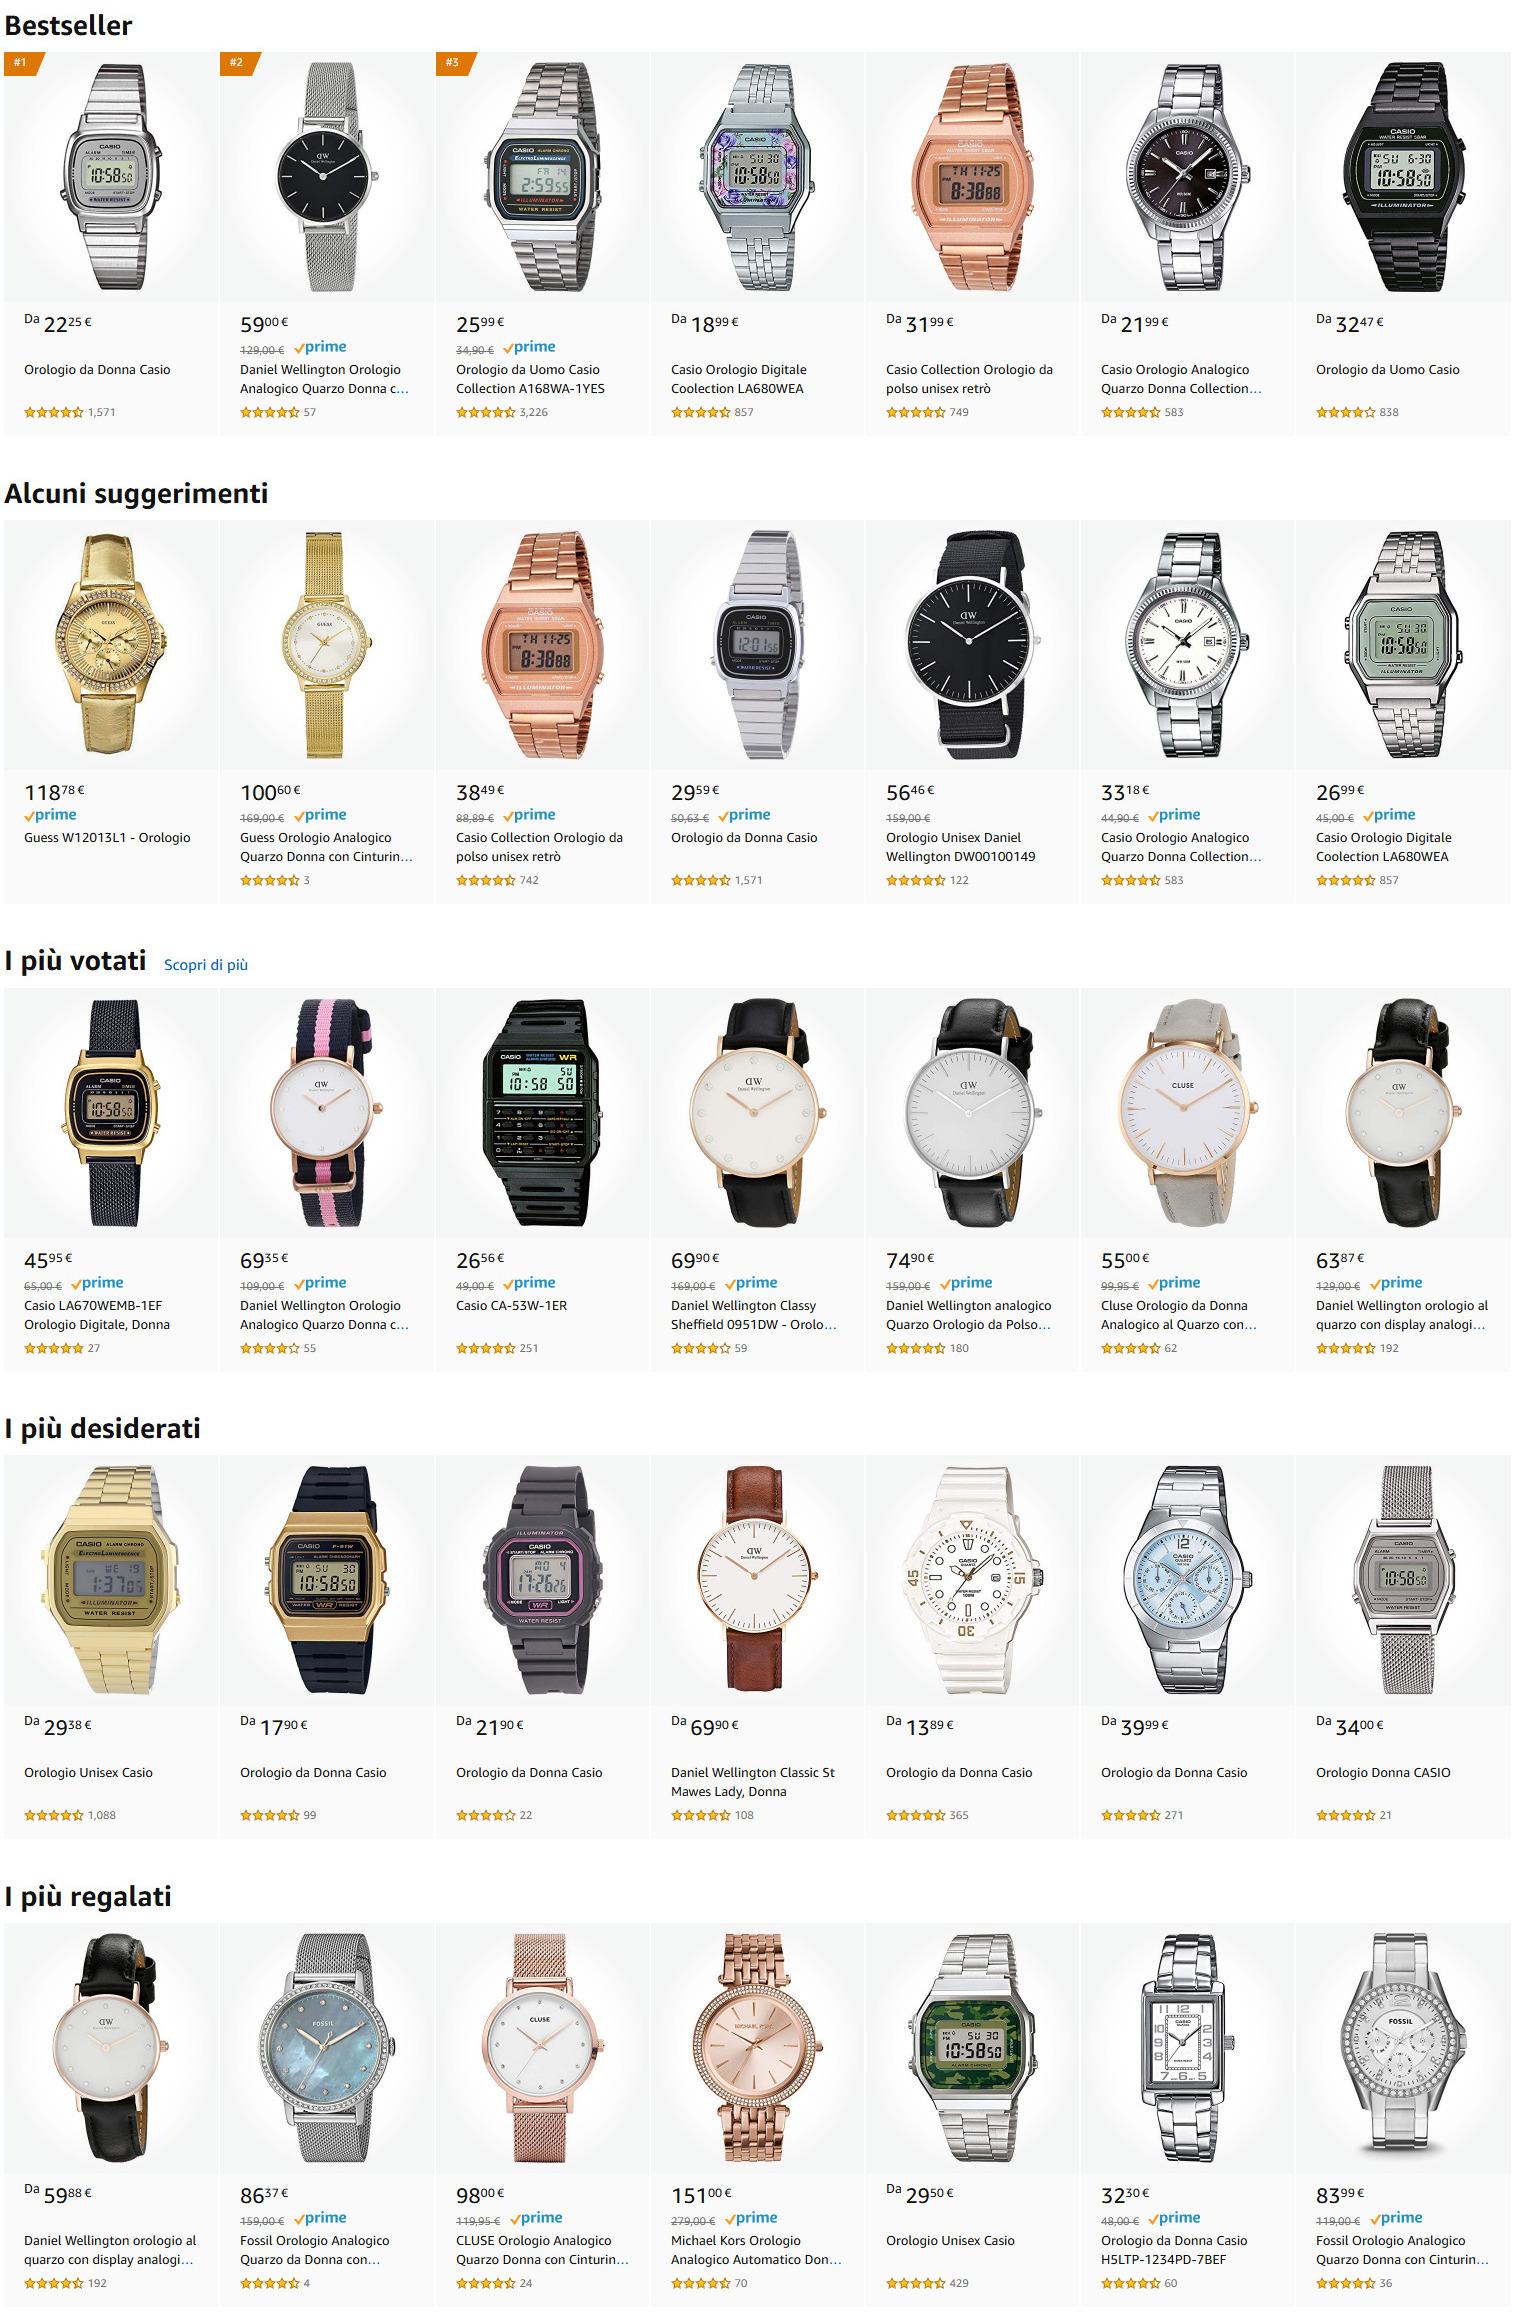 Migliori orologi da donna 2019